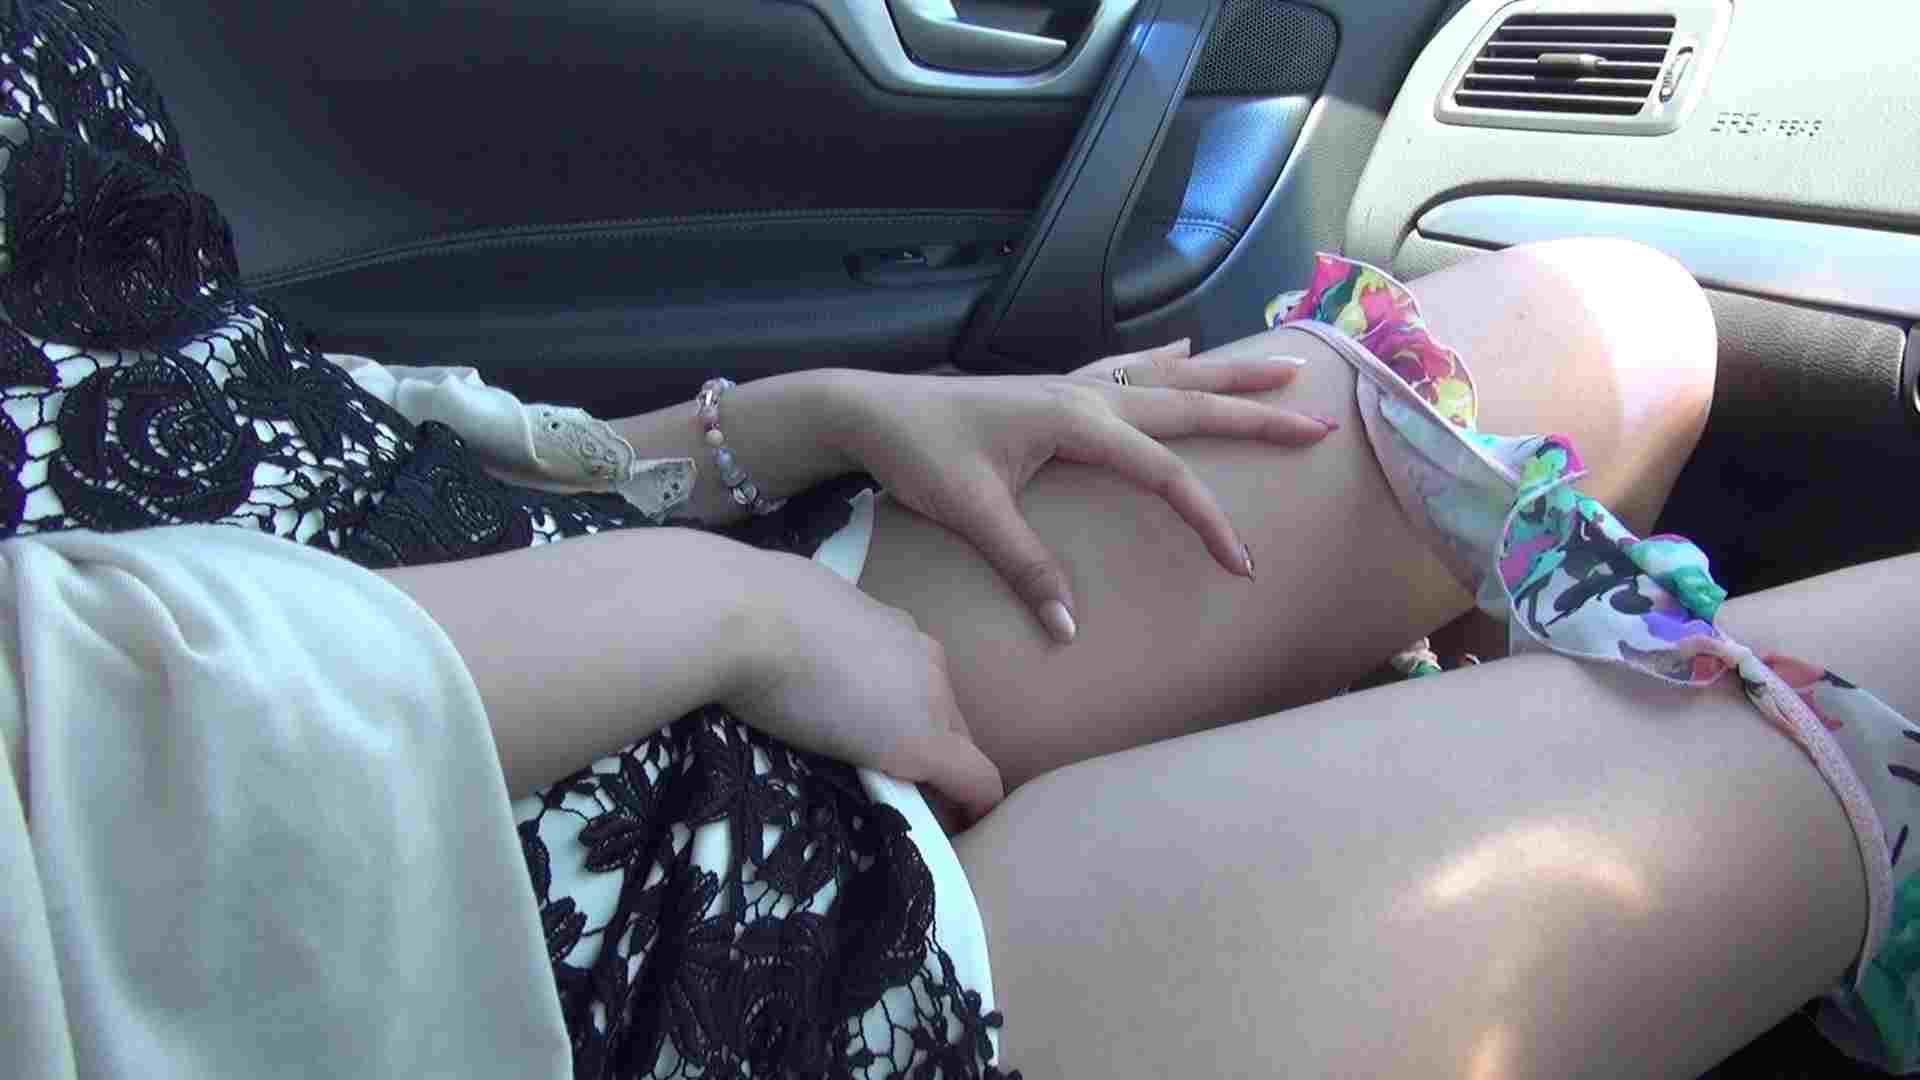 episode6 ドライブ中に・・・妻に強せいオナニー オナニー集  56pic 3